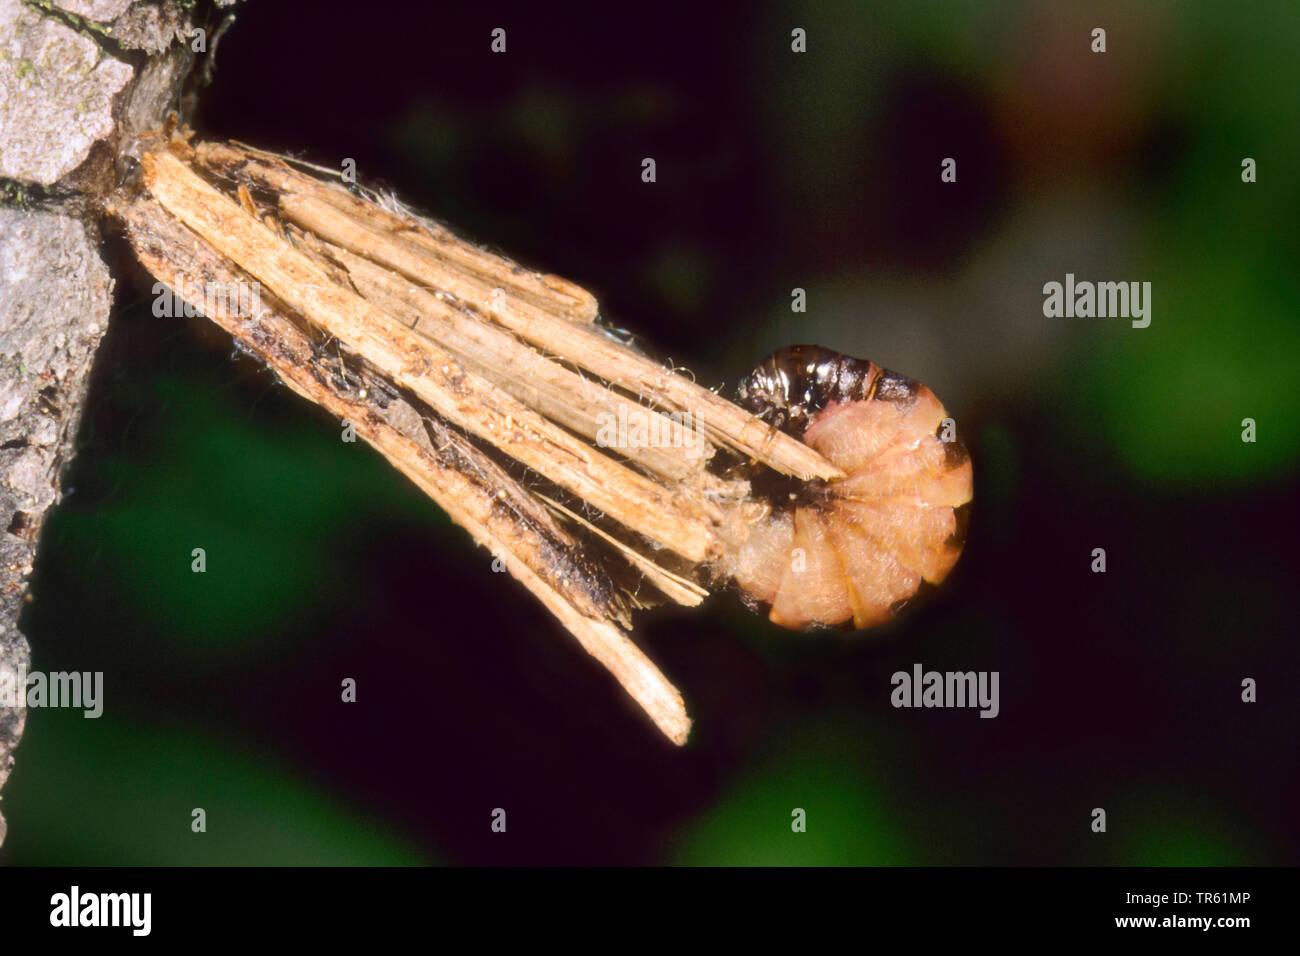 Gemeiner Sacktraeger, Sacktraegermotte, Sacktraeger-Motte, Kleiner Rauch-Sacktraeger, Kleiner Rauchsacktraeger (Psyche casta), Raupe in ihrem Gespinst - Stock Image